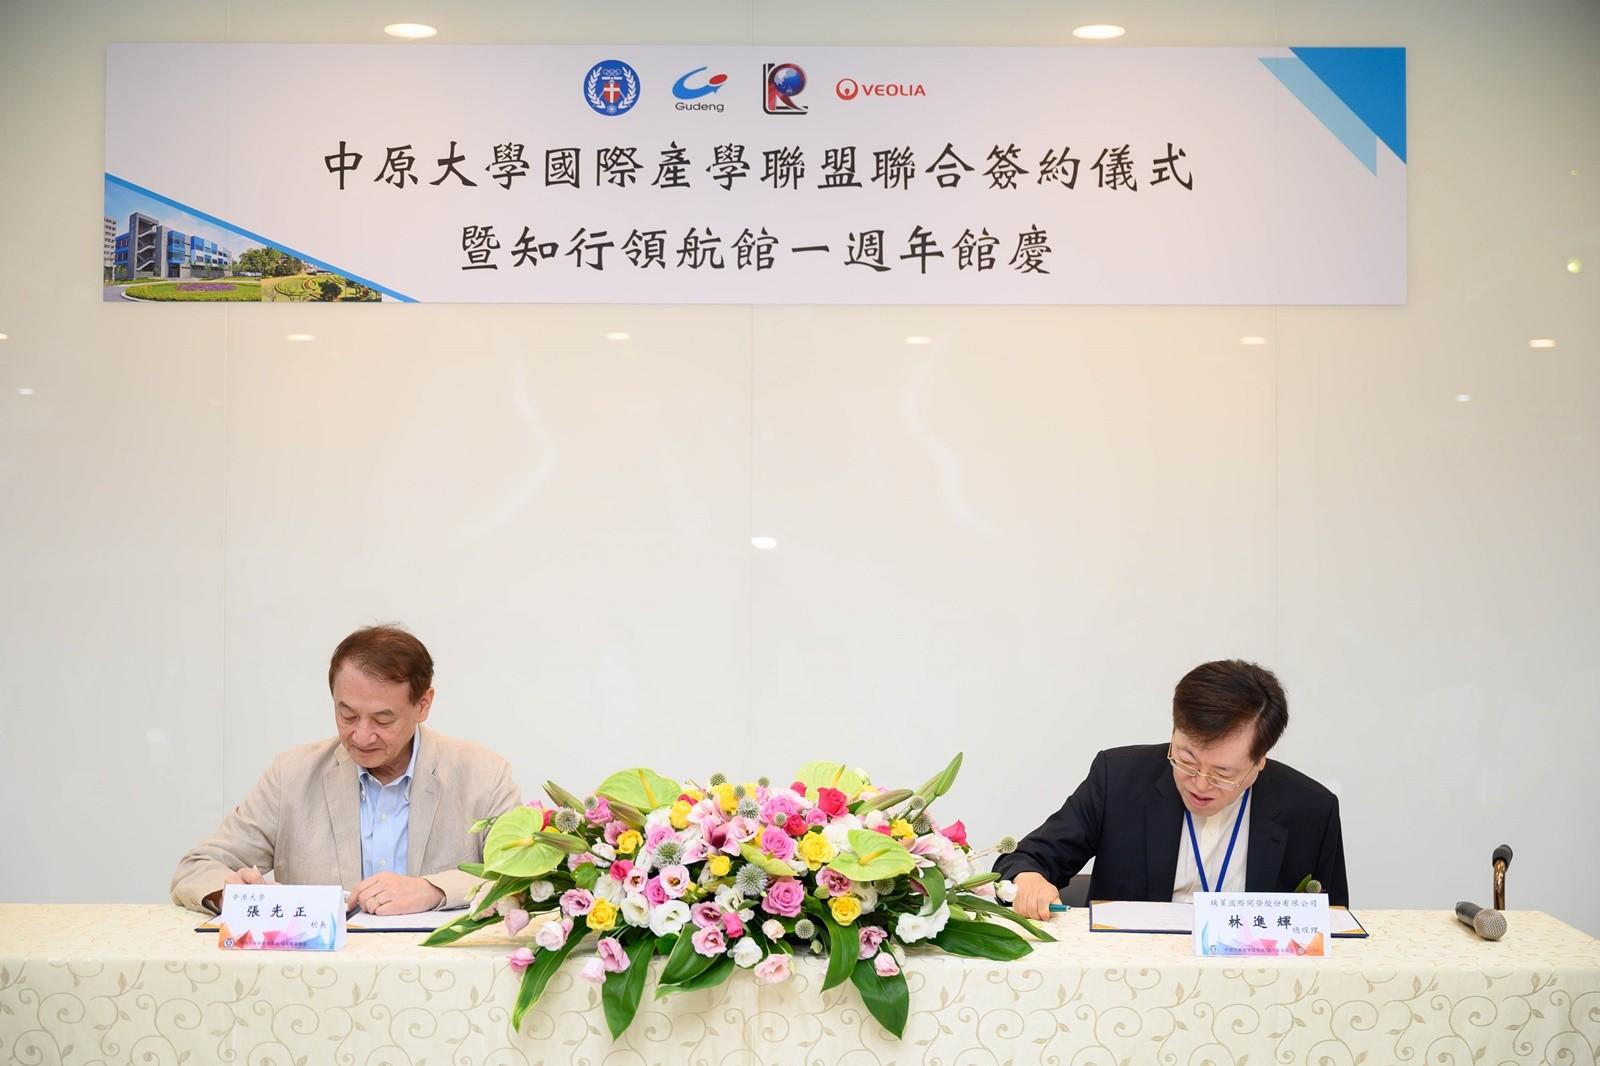 中原大學國際產學聯盟聯合簽約儀式,張光正校長(左)與瑞萊國際林進輝總經理代表雙方簽署合約。.jpg